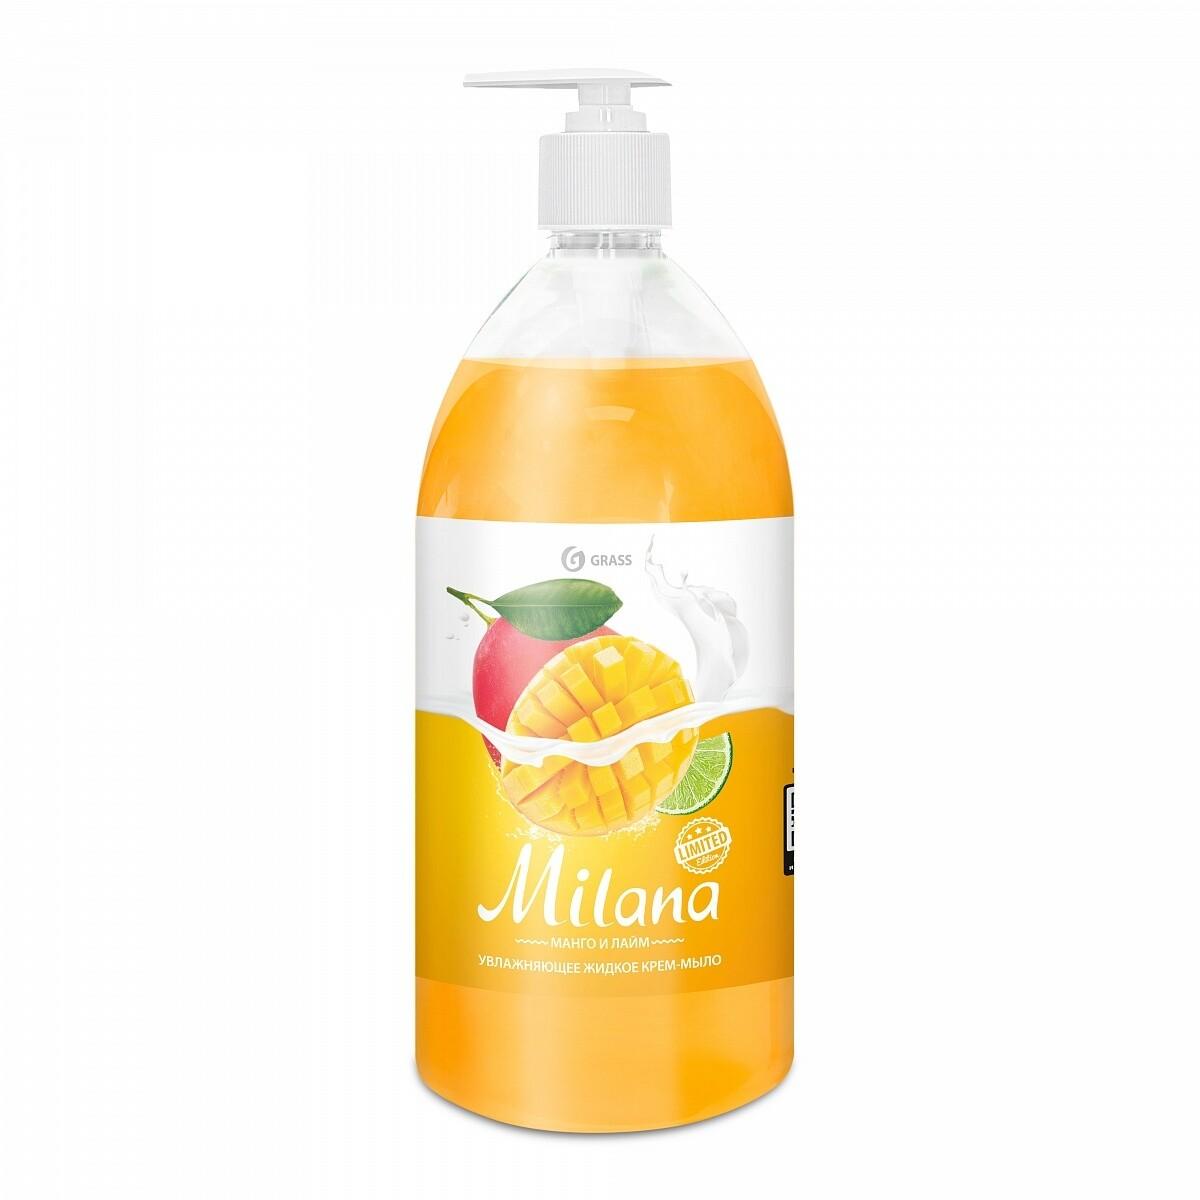 """Жидкое крем-мыло """"Milana"""" манго и лайм, 1 л"""